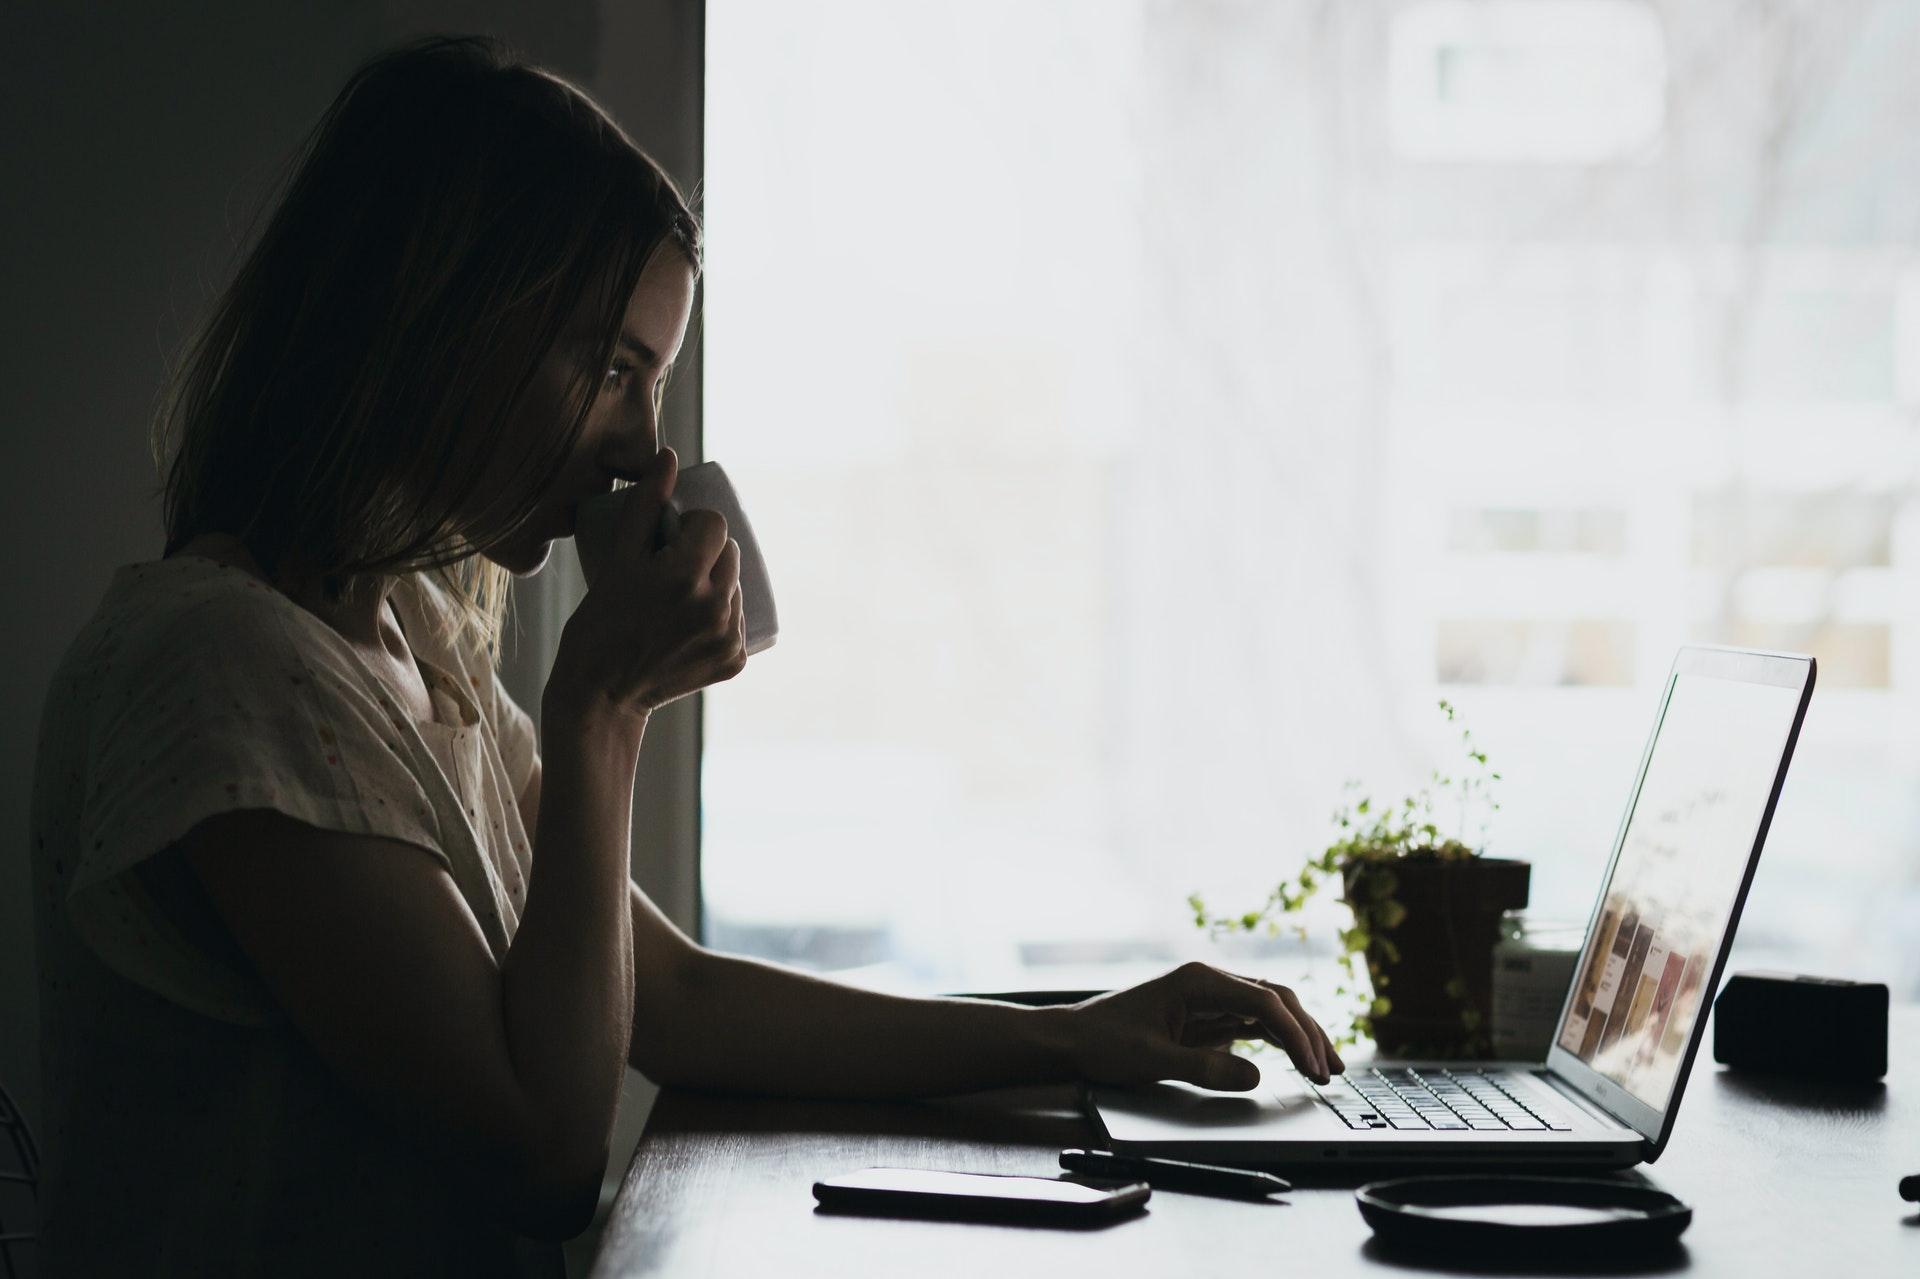 Vemos uma mulher bebendo algo de uma caneca e olhando para o computador (imagem ilustrativa). Texto: empreendedorismo e intraempreendedorismo.